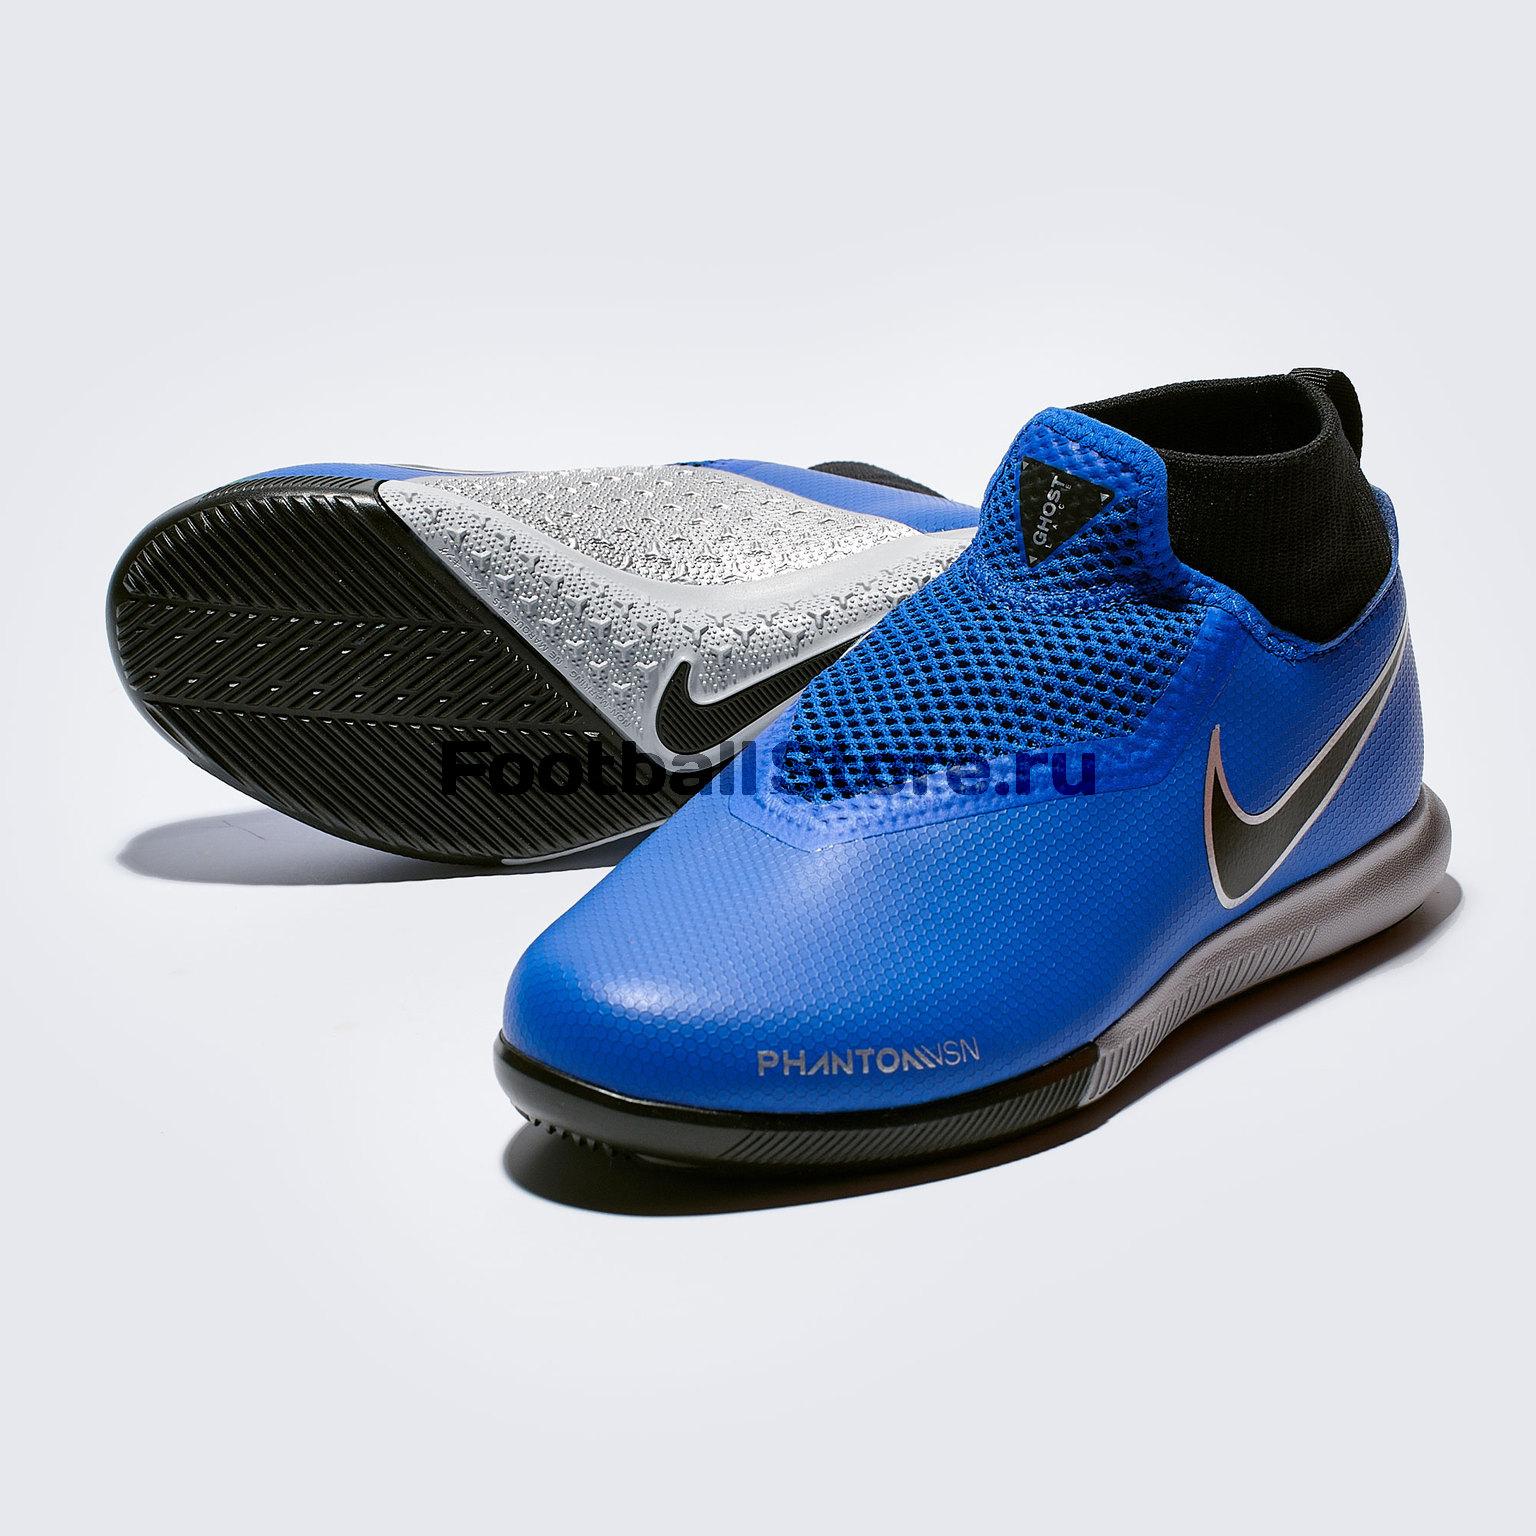 Футзалки детские Nike Phantom Vision Academy DF IC AO3290-400 обувь для зала nike phantom vision club df ic ao3271 001